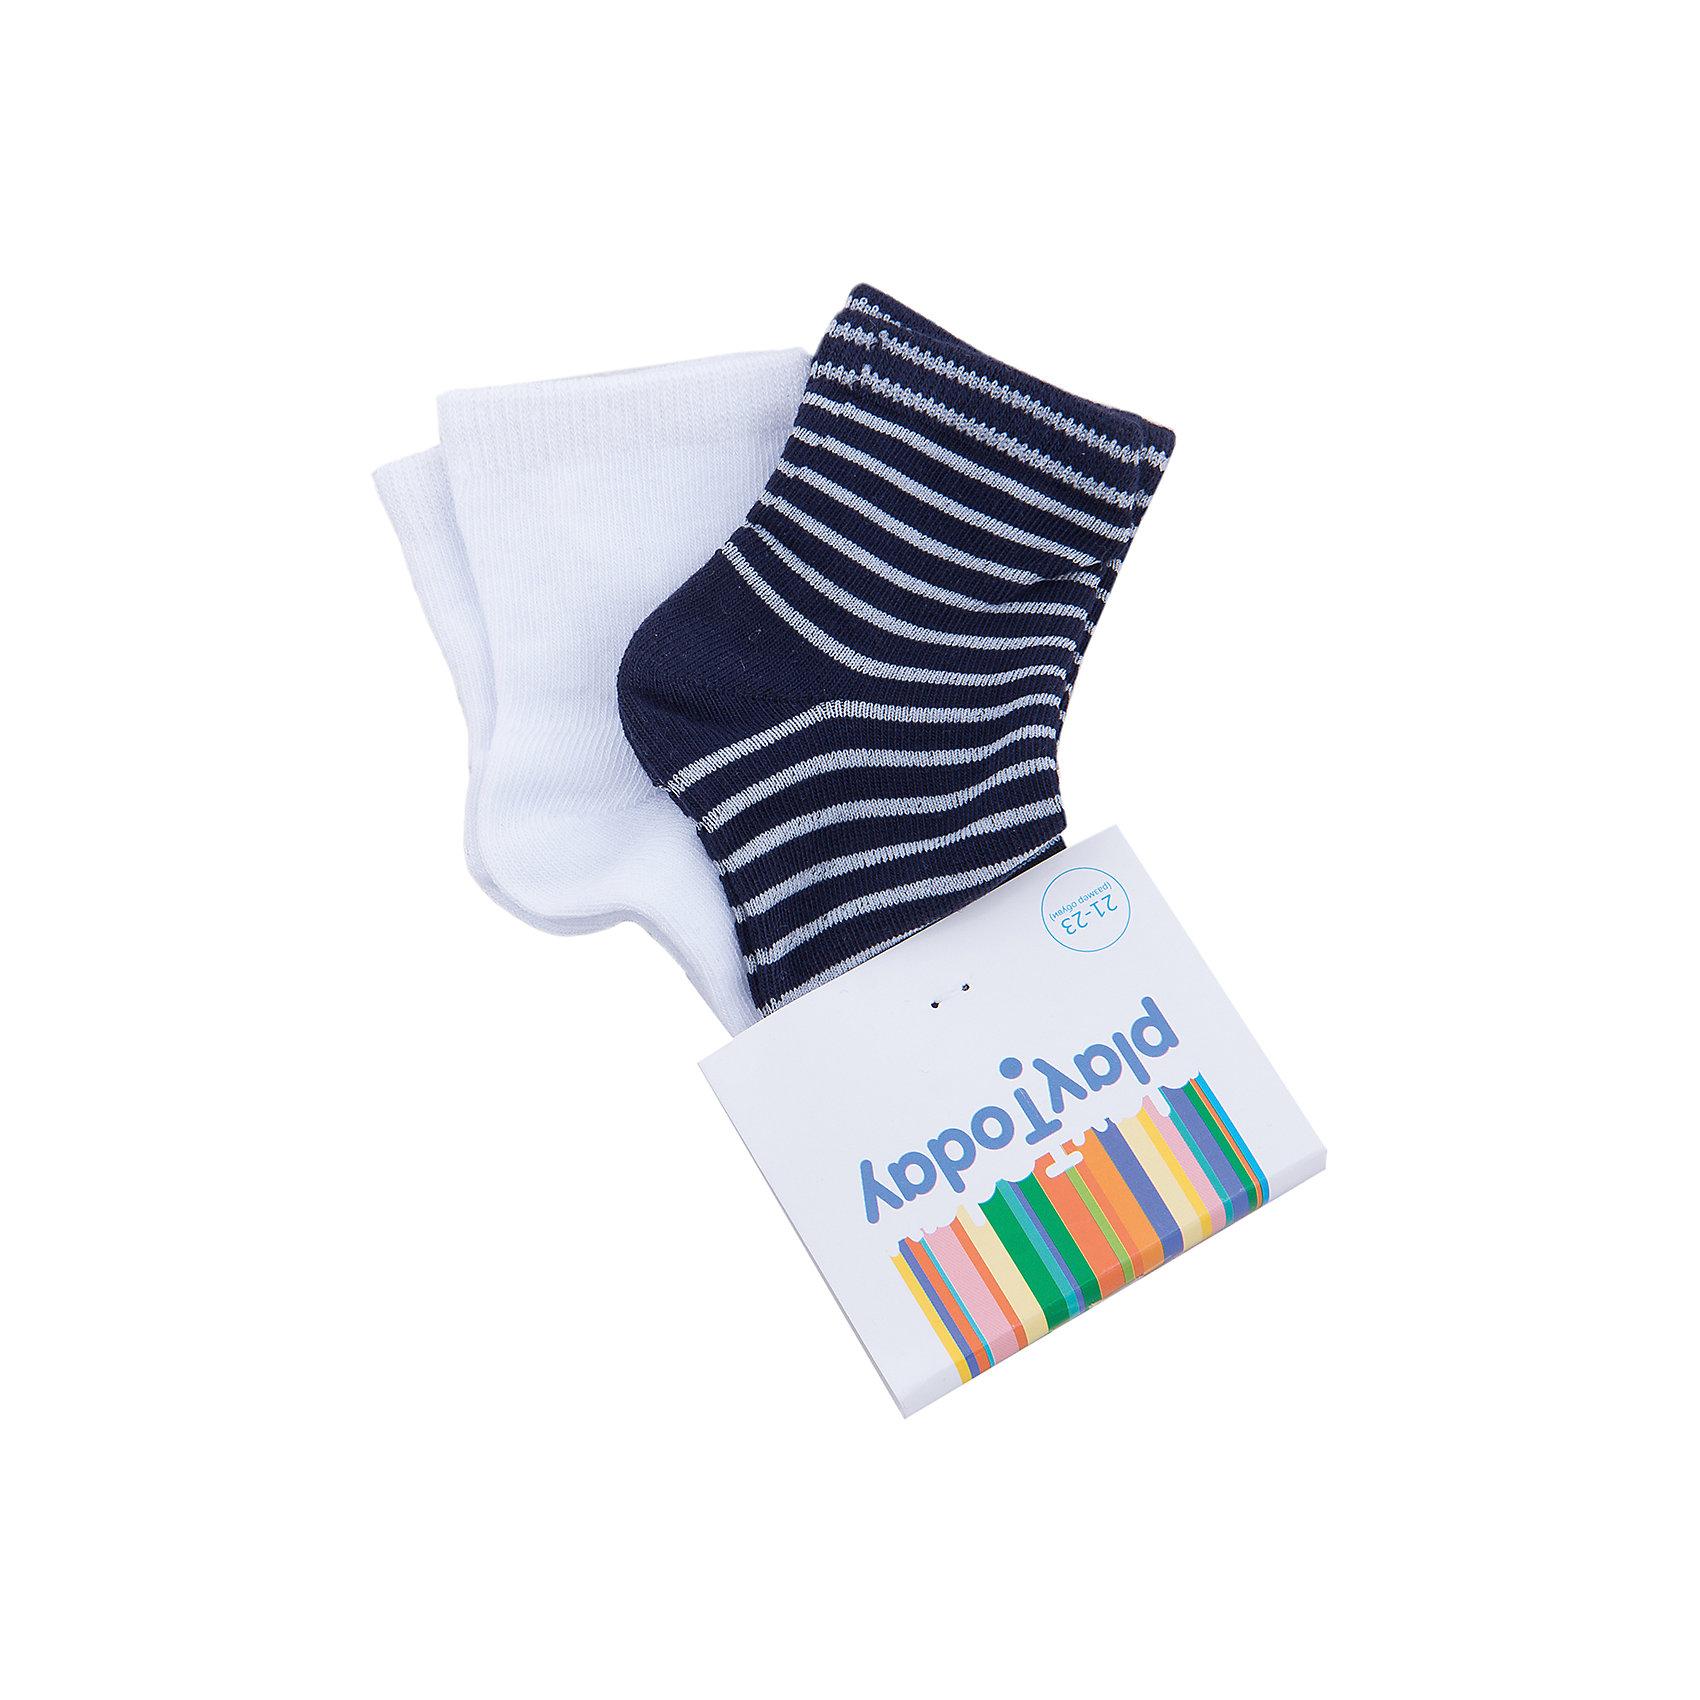 Носки для мальчика PlayTodayНоски<br>Носки для мальчика PlayToday<br>Носки очень мягкие, из качественных материалов, приятны к телу и не сковывают движений. Хорошо пропускают воздух, тем самым позволяя коже дышать.  Даже частые стирки, при условии соблюдений рекомендаций по уходу, не изменят ни форму, ни цвет изделий.Преимущества: Мягкие, выполненные из натуральных материалов, приятны к телу, не сковывают движенийХорошо пропускают воздух, позволяя тем самым коже дышатьДаже частые стирки, при условии соблюдений рекомендаций по уходу, не изменят ни форму, ни цвет изделия<br>Состав:<br>75% хлопок 20% нейлон 5% эластан<br><br>Ширина мм: 87<br>Глубина мм: 10<br>Высота мм: 105<br>Вес г: 115<br>Цвет: синий<br>Возраст от месяцев: 18<br>Возраст до месяцев: 24<br>Пол: Мужской<br>Возраст: Детский<br>Размер: 14,18,16<br>SKU: 5403472